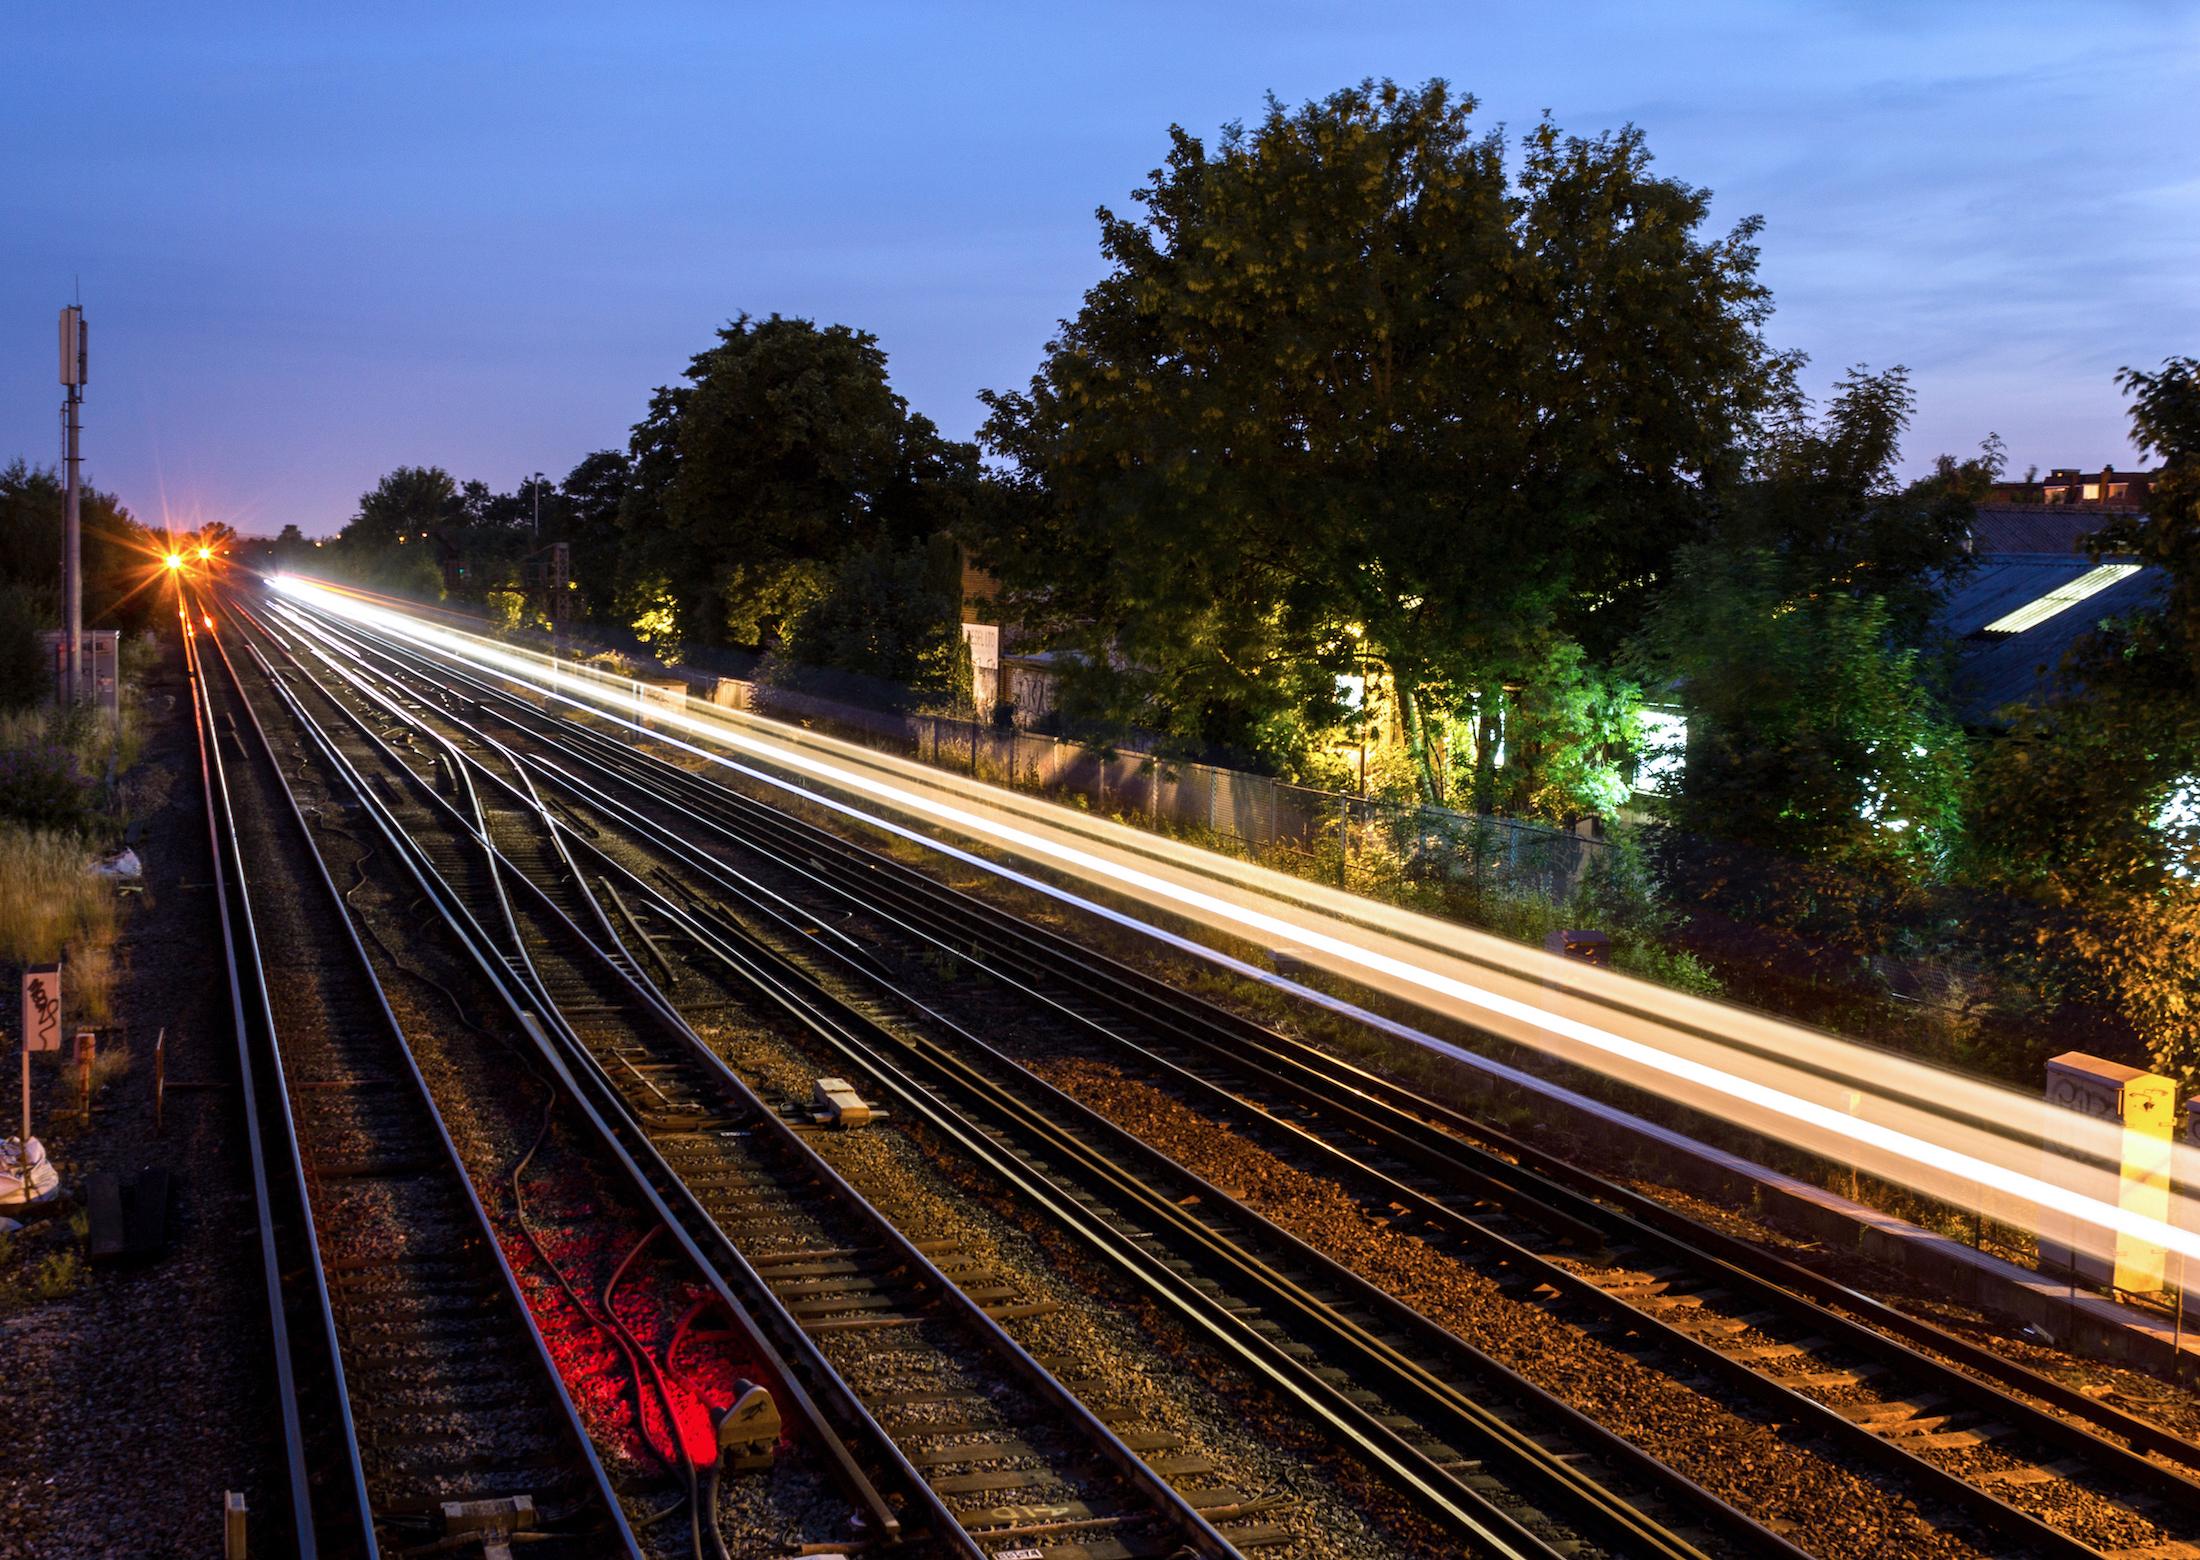 Railway lines at Wimbledon, London